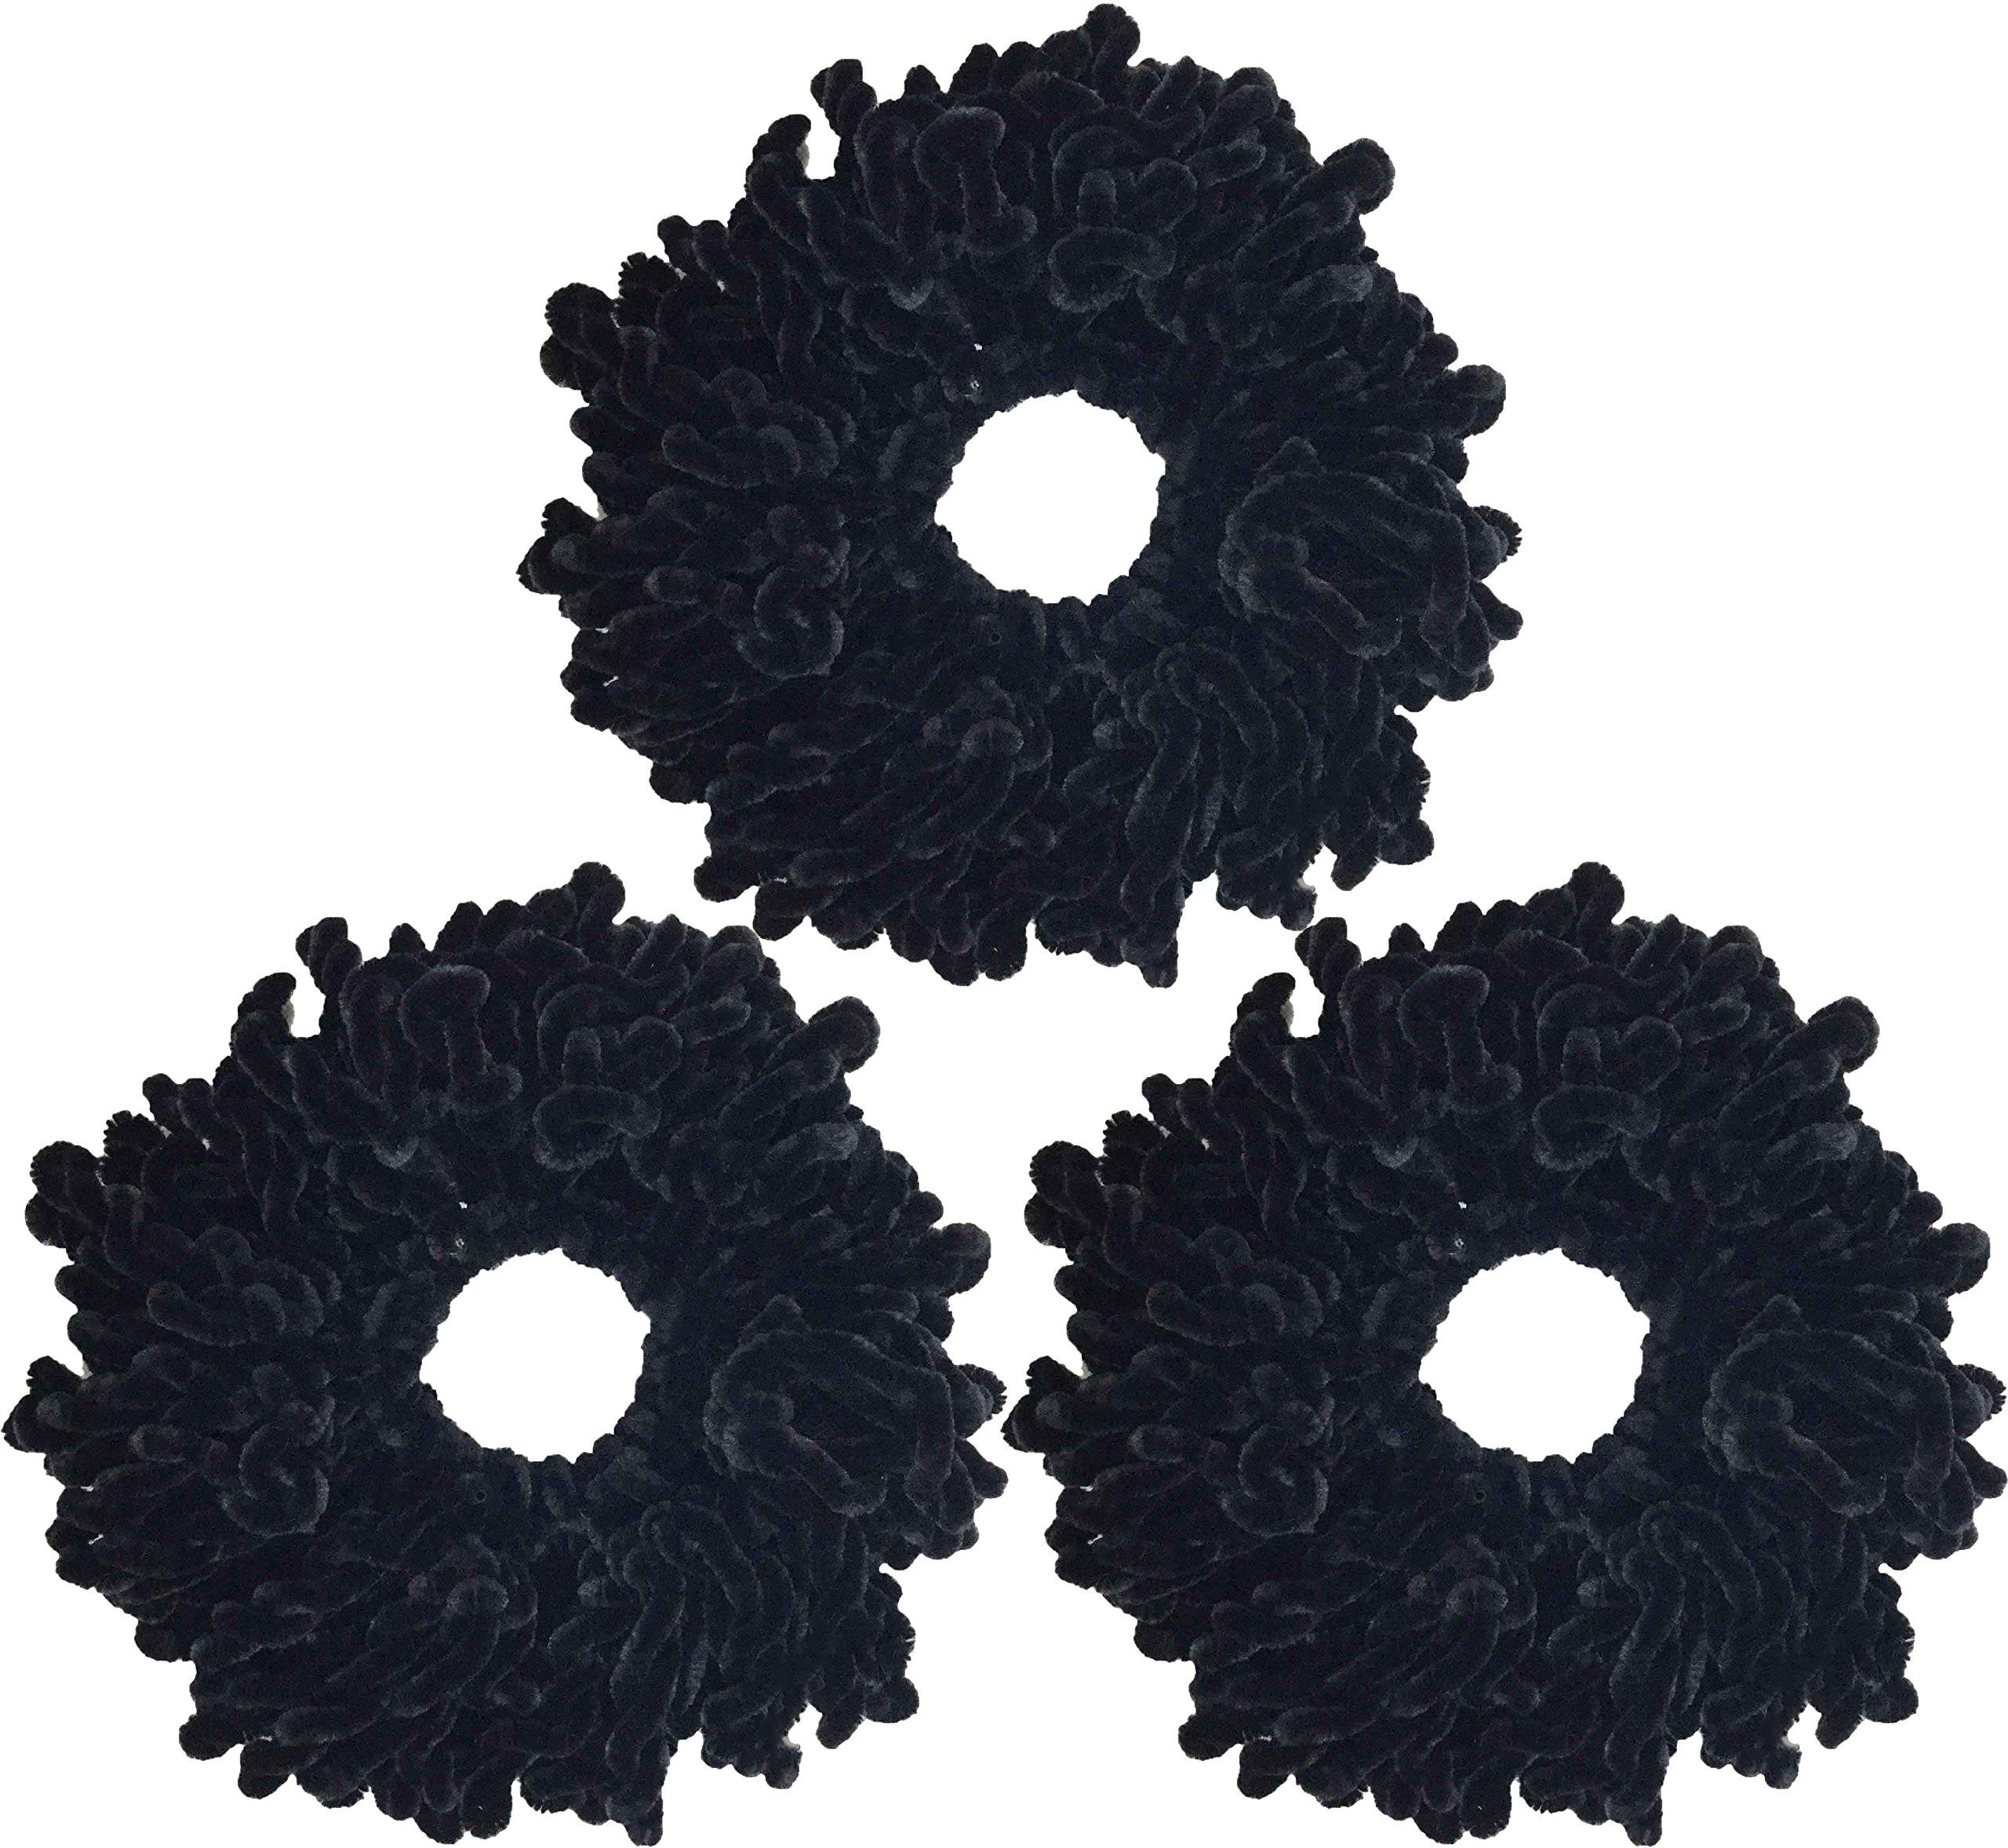 Ababalaya Women's 3pcs Volumising Scrunchie Big Hair Tie Ring Hijab Volumizer Khaleeji Headwear,Black 3pcs